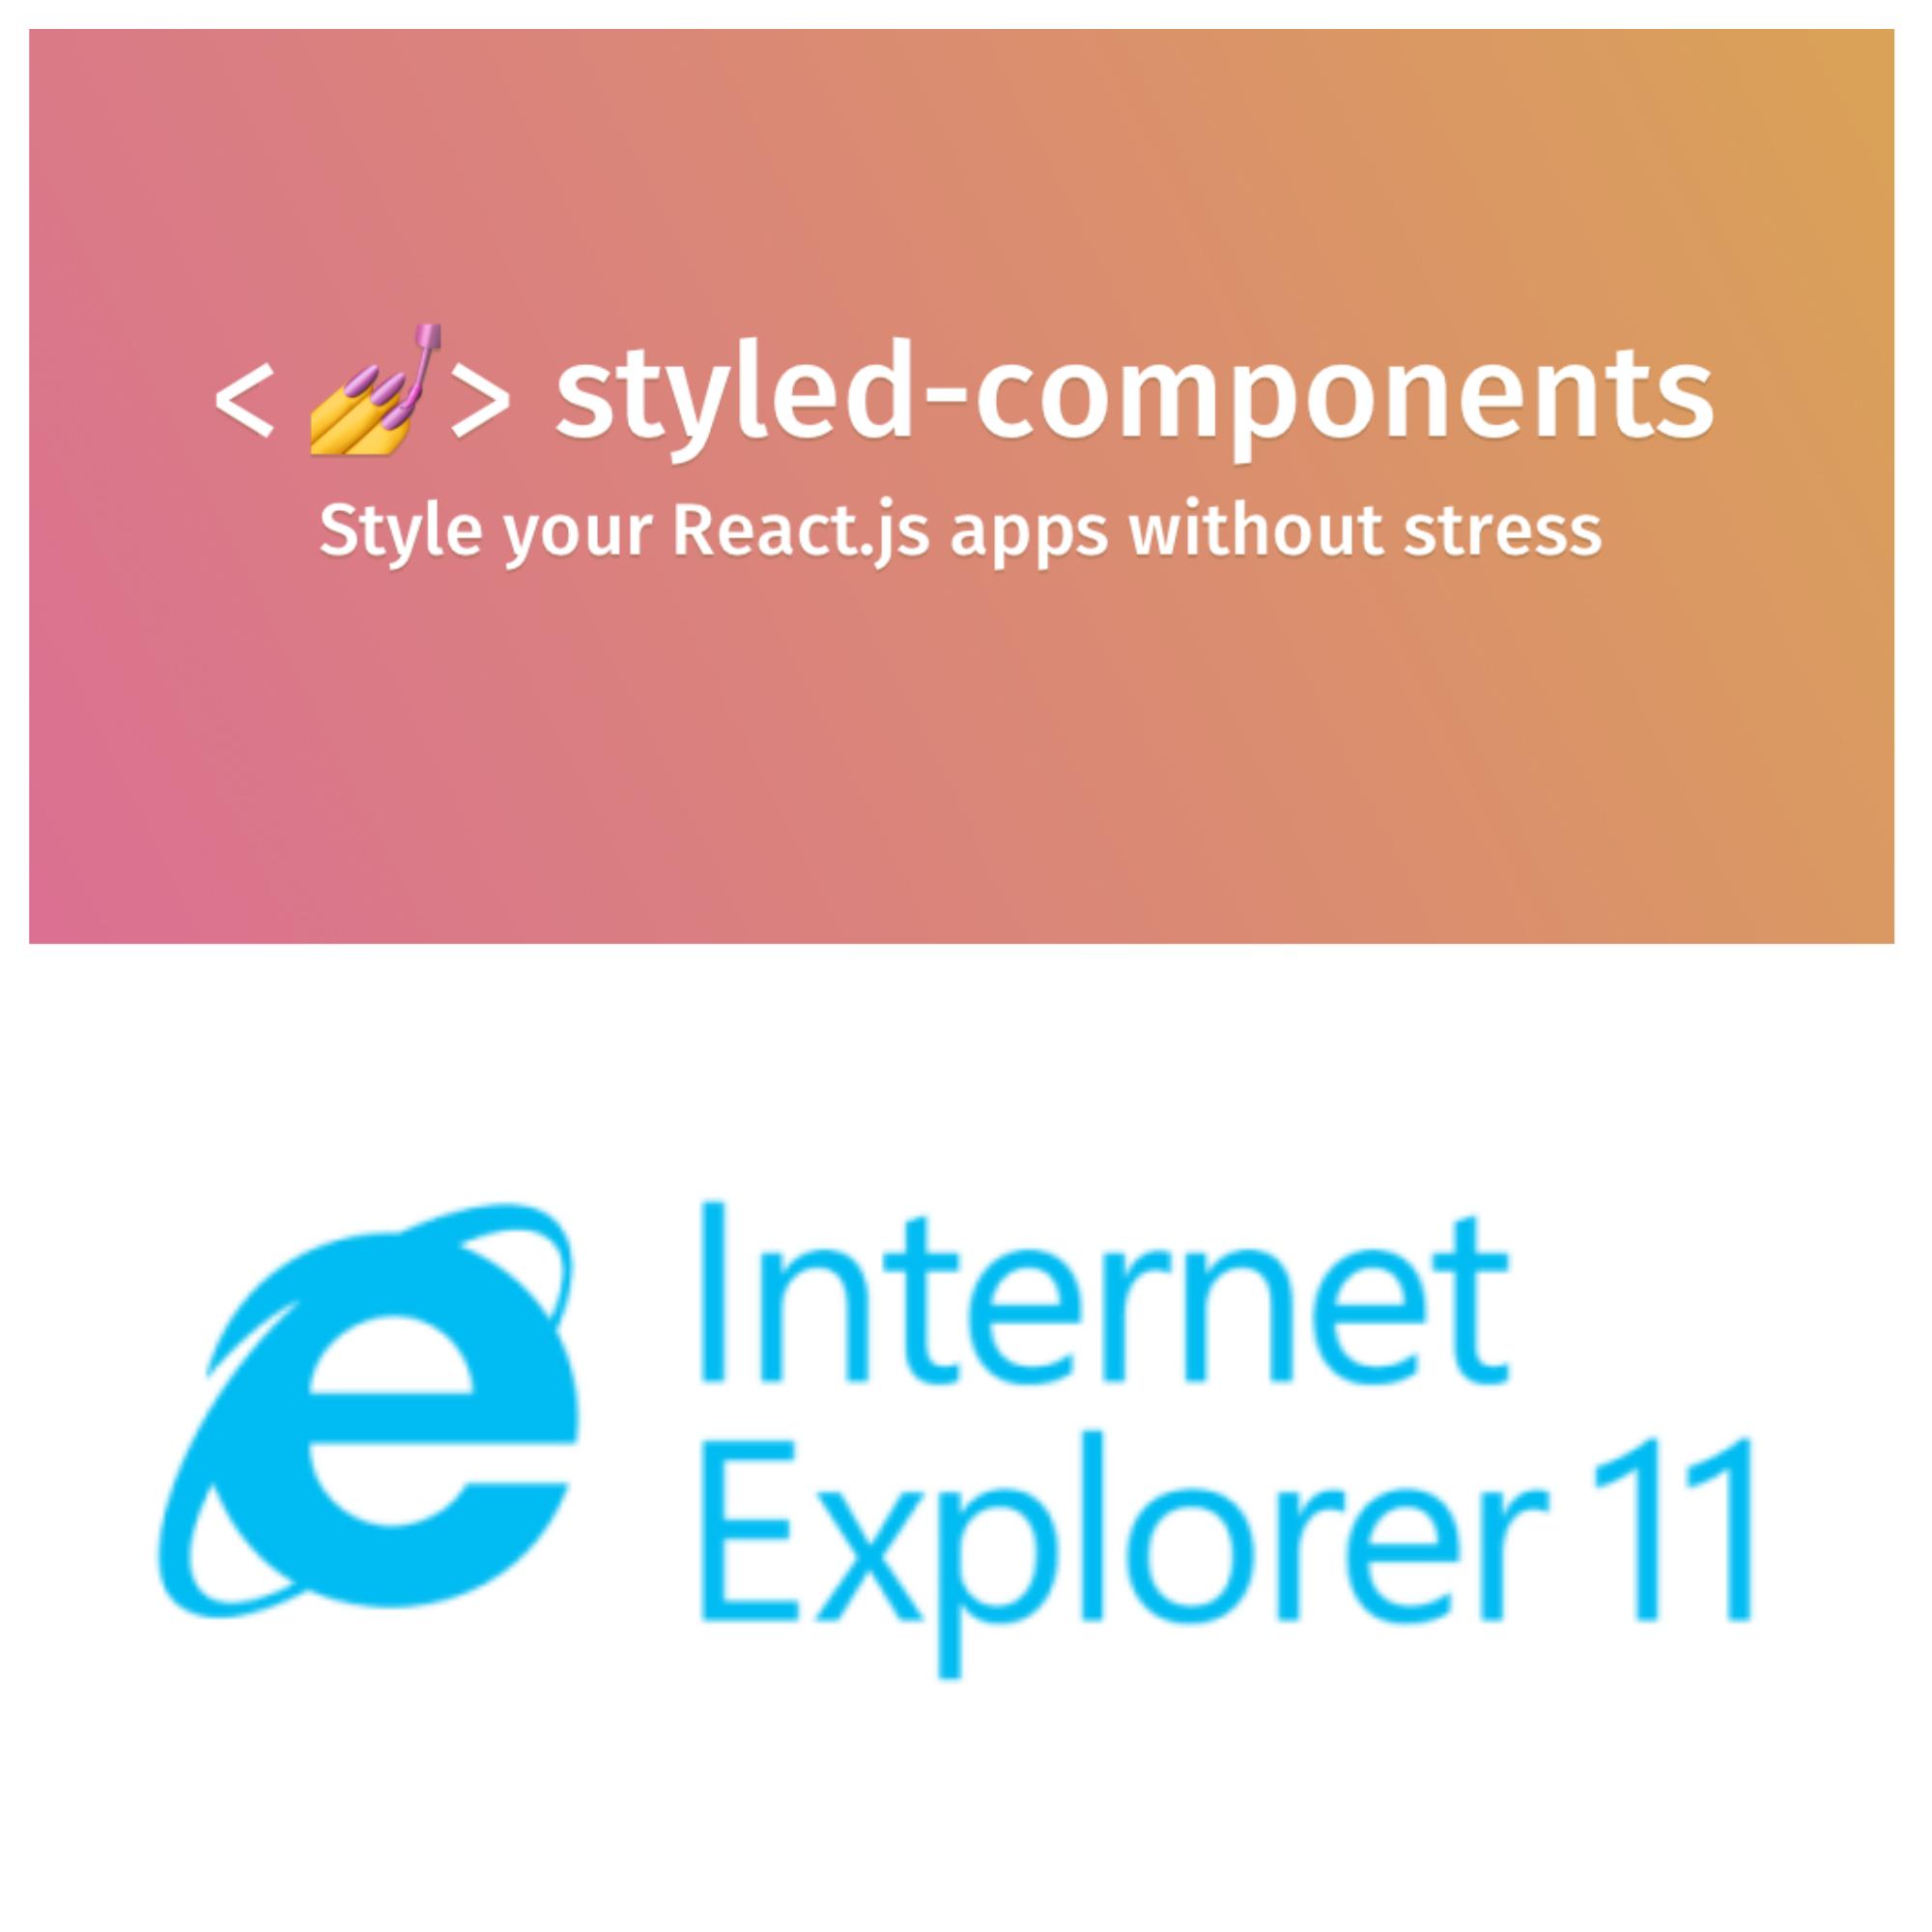 【React】styled-componentsをIE11でエラーを発生させず使うための設定方法